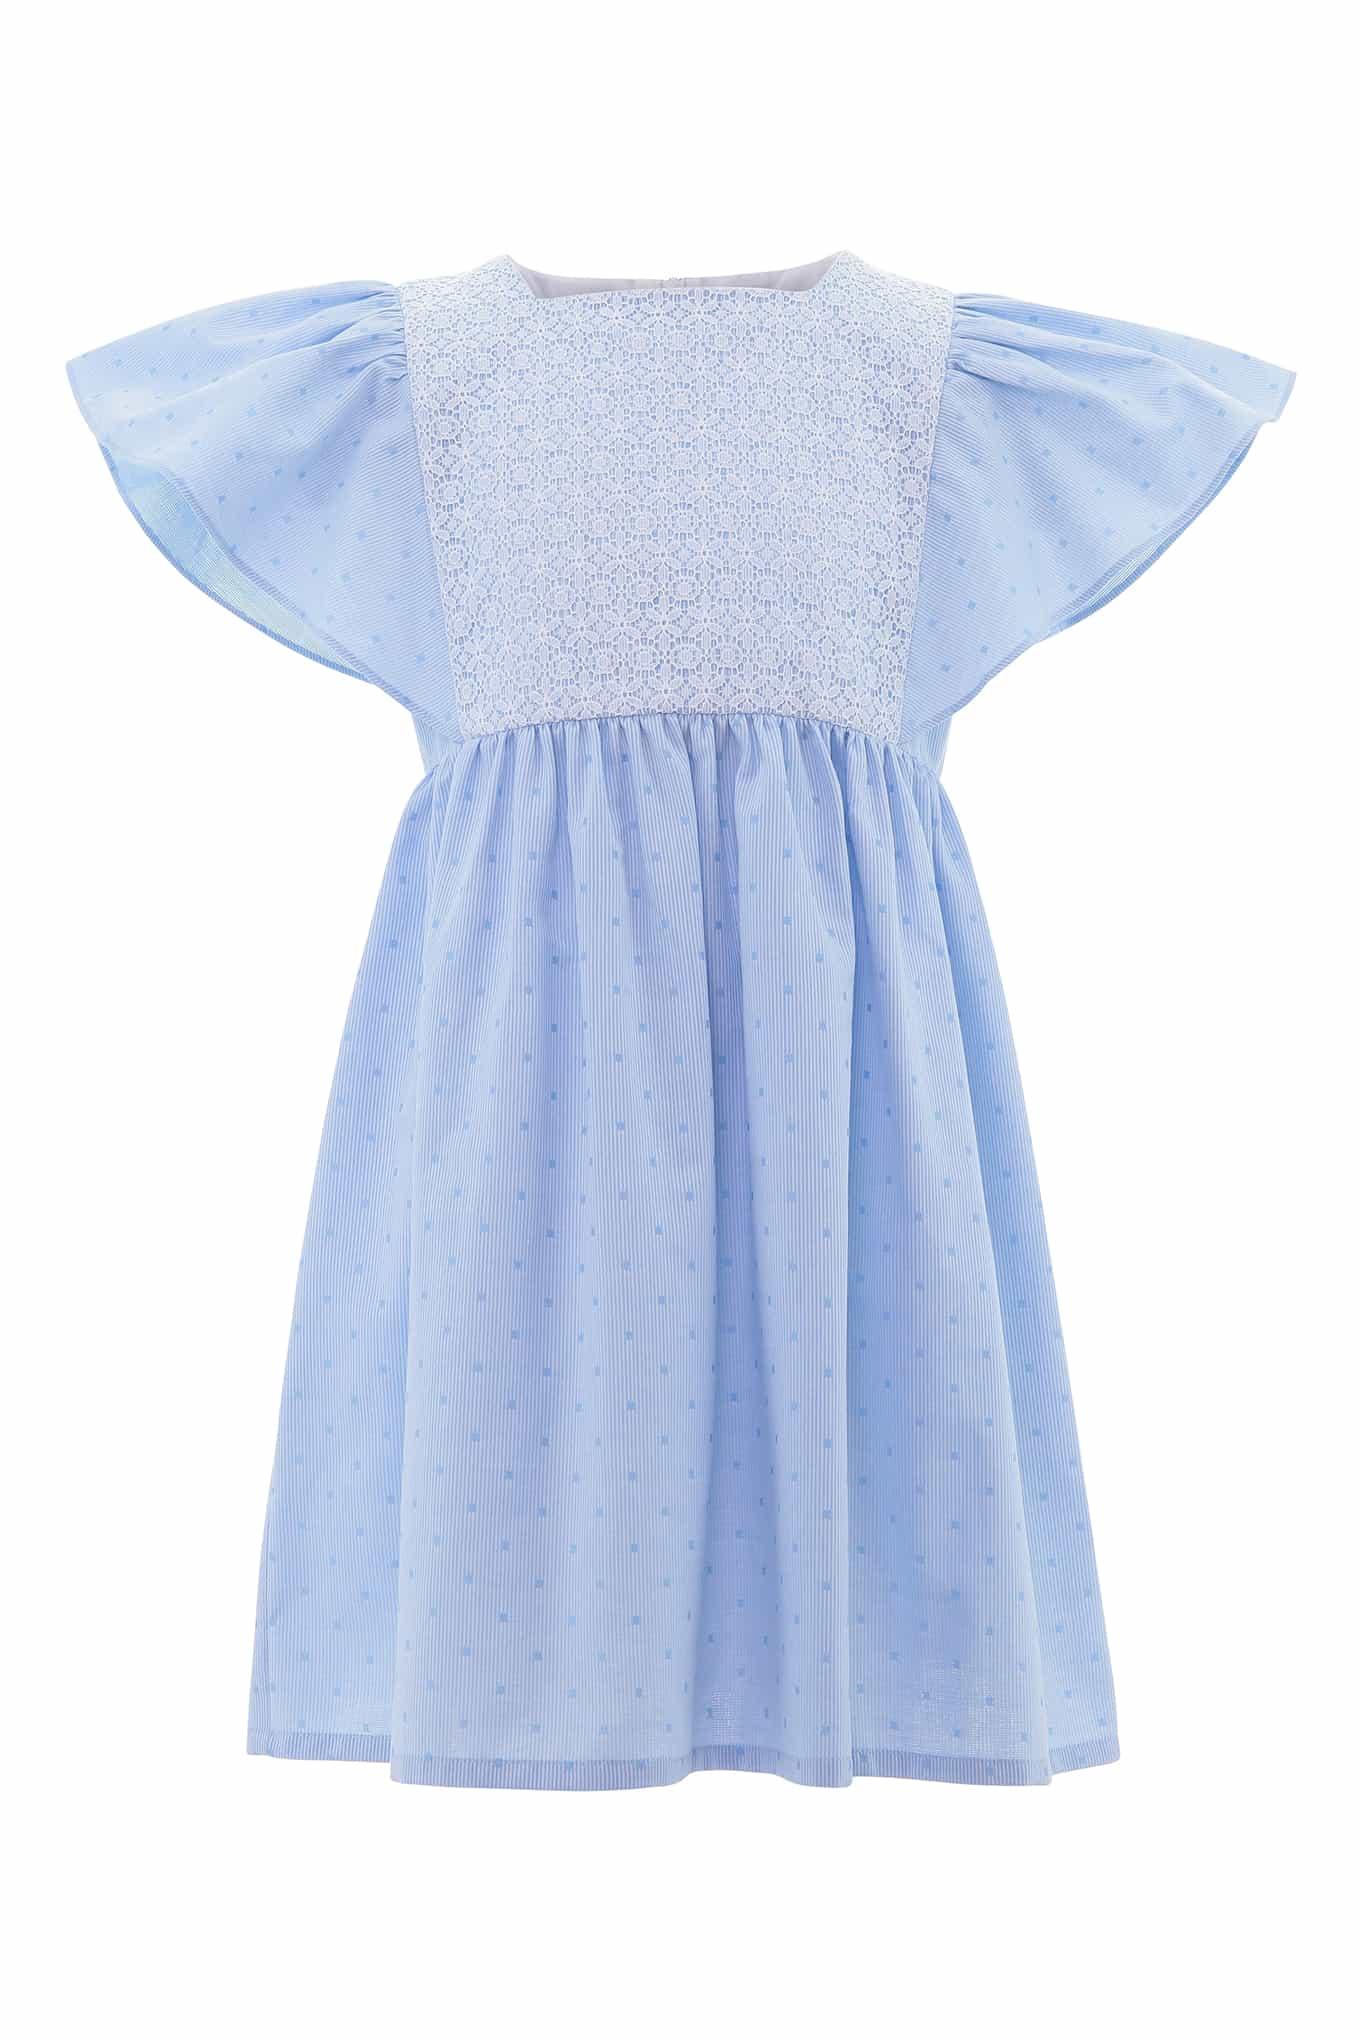 Vestido Azul Claro Casual Rapariga